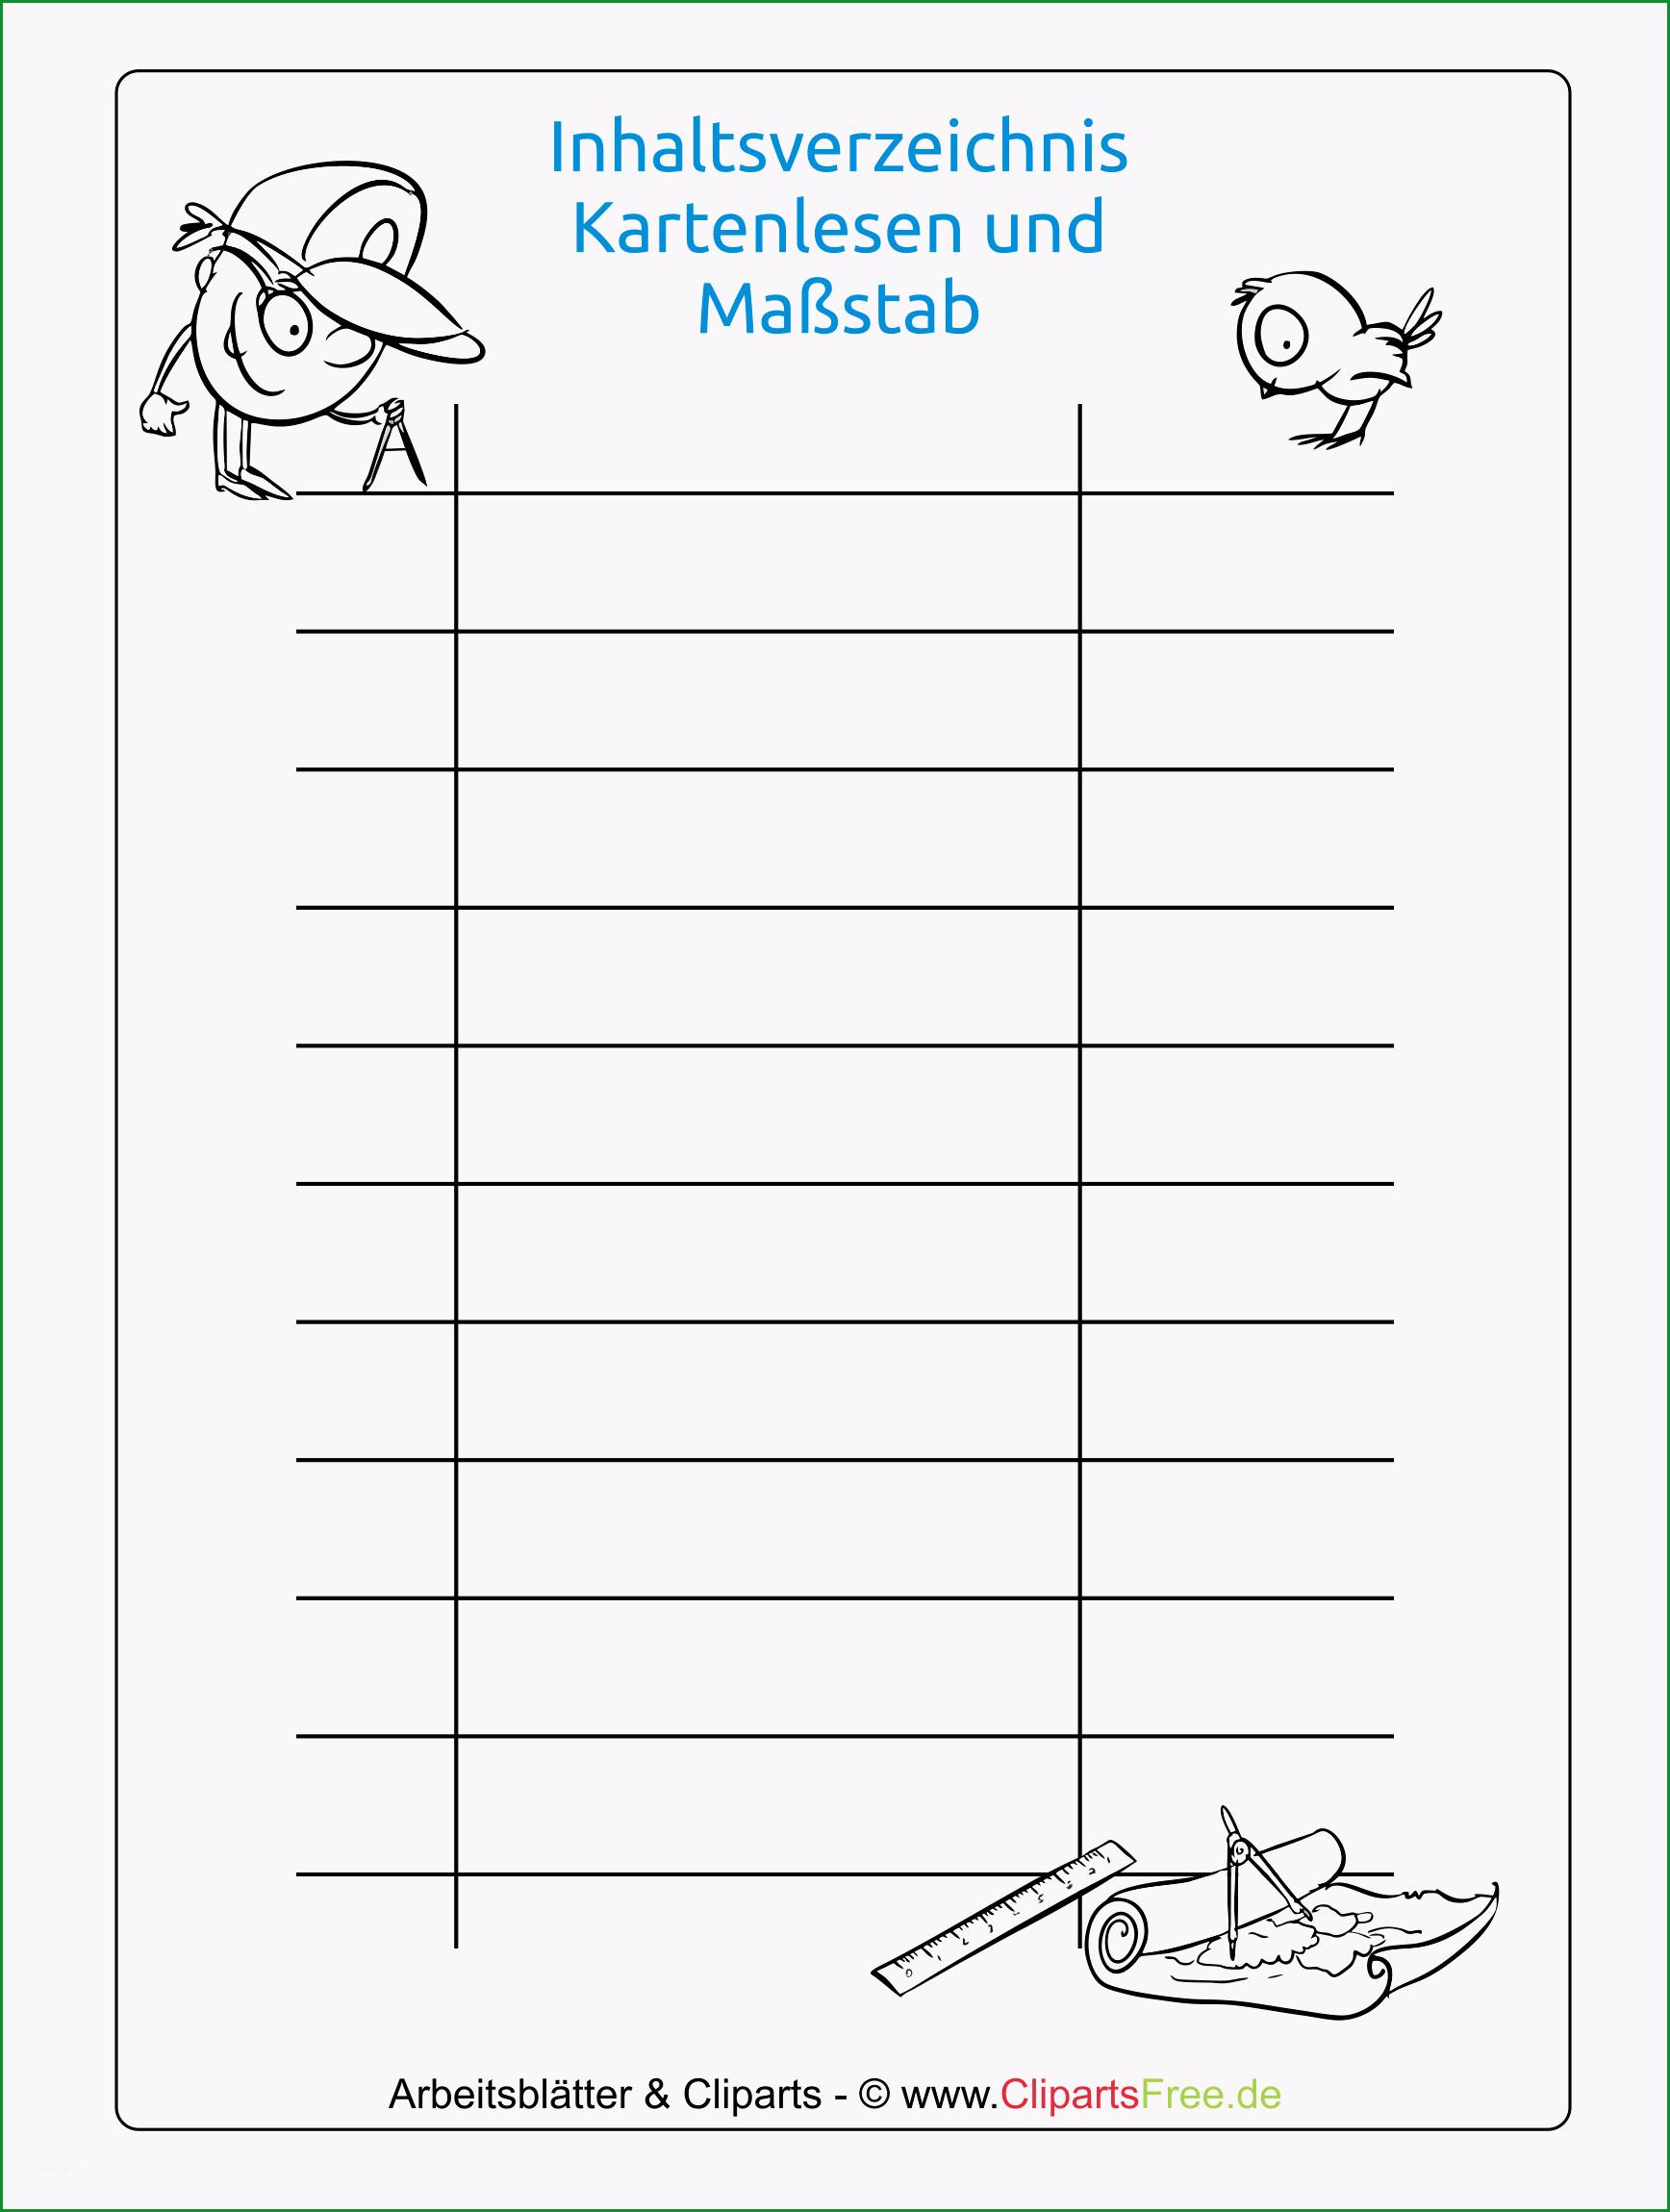 inhaltsverzeichnis für mappen zum ausdrucken kostenlos